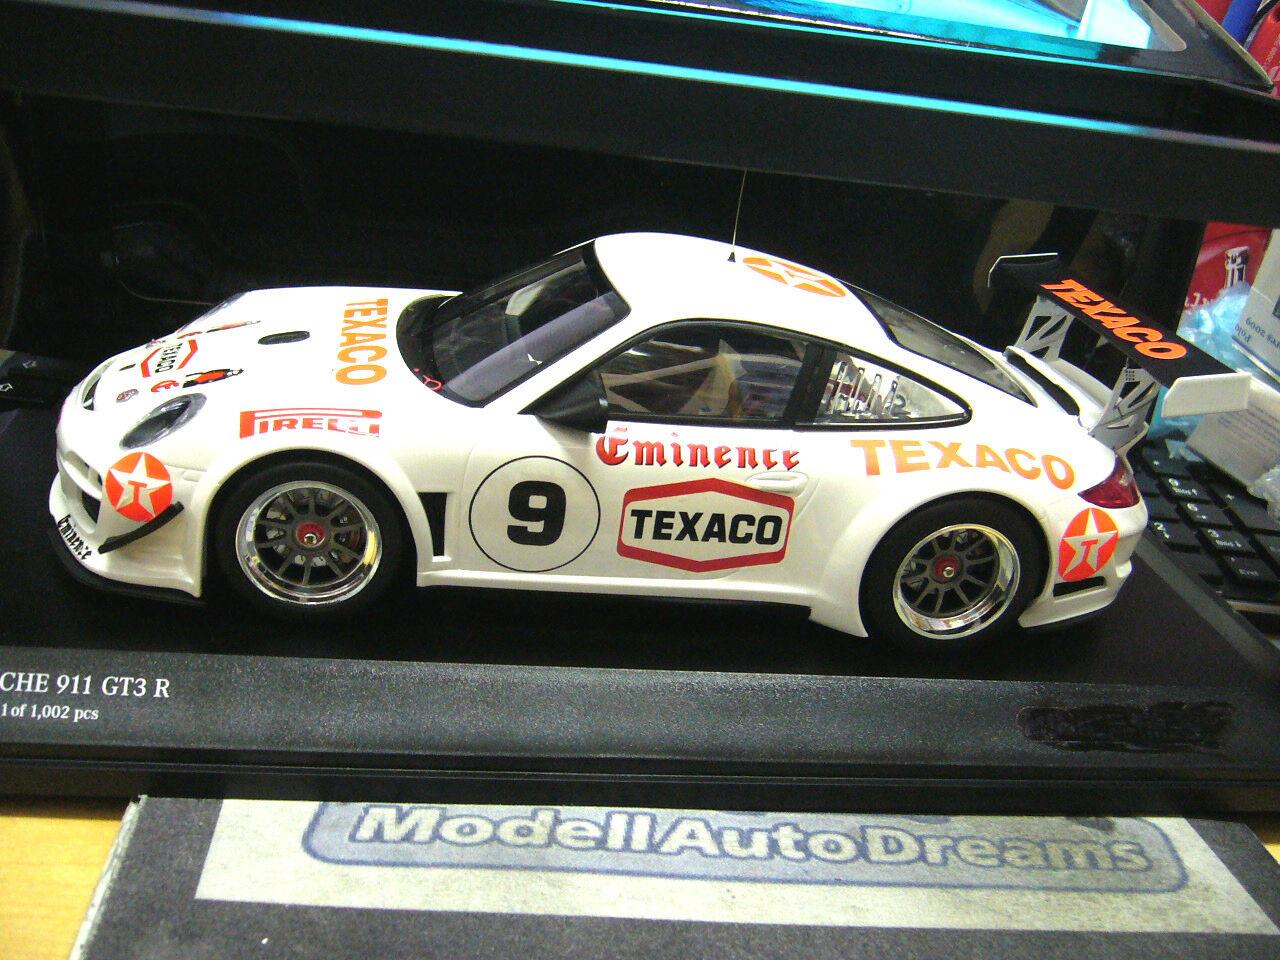 Porsche 911 997 gt3 R racing 2010 texaco Eminence transformación transformación transformación einzelst. based min 1 18 e90d4e